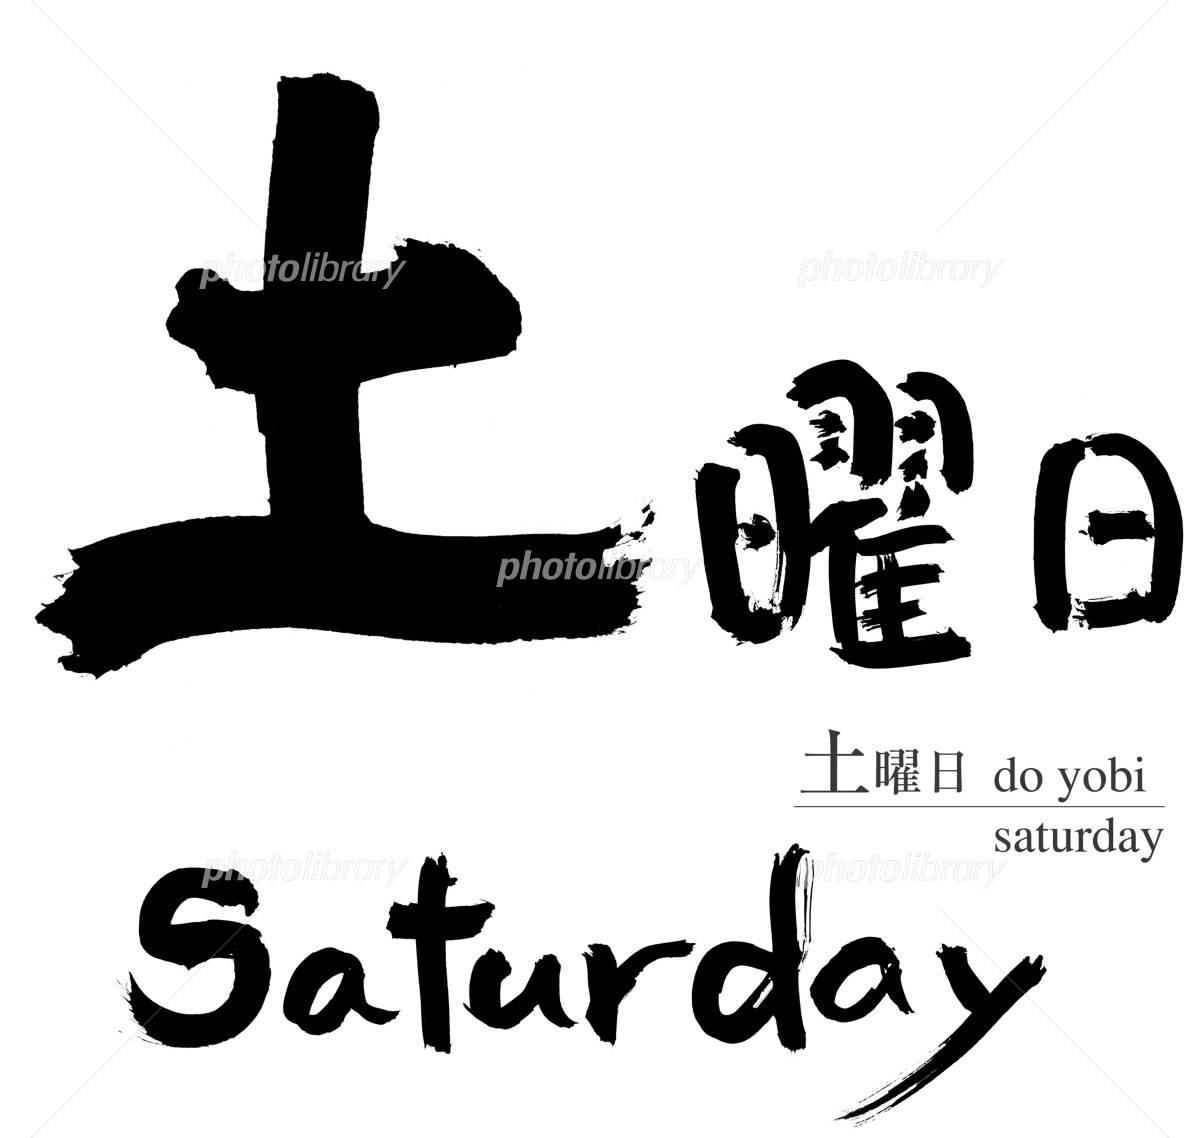 土曜日の筆文字 イラスト素材 [ 1146398 ] - フォトライブラリー ...